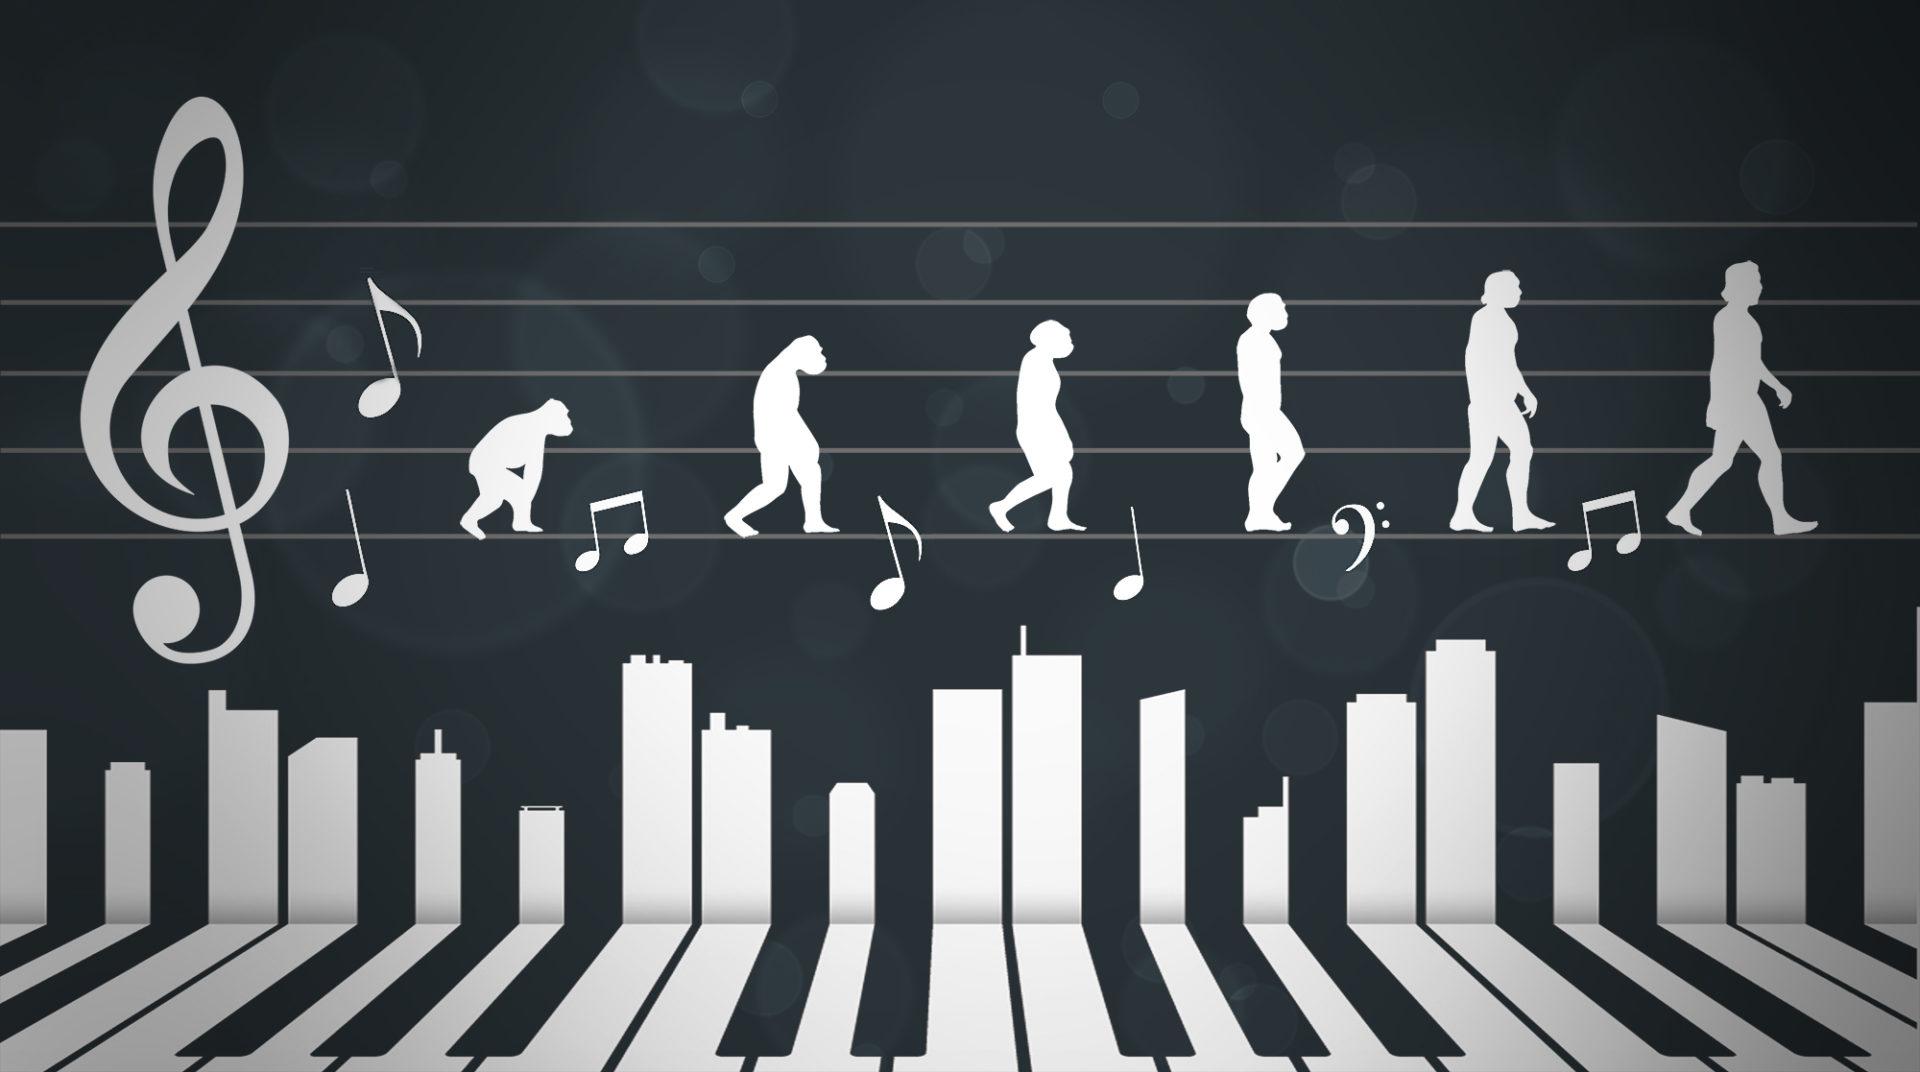 La evolución del soundtrack